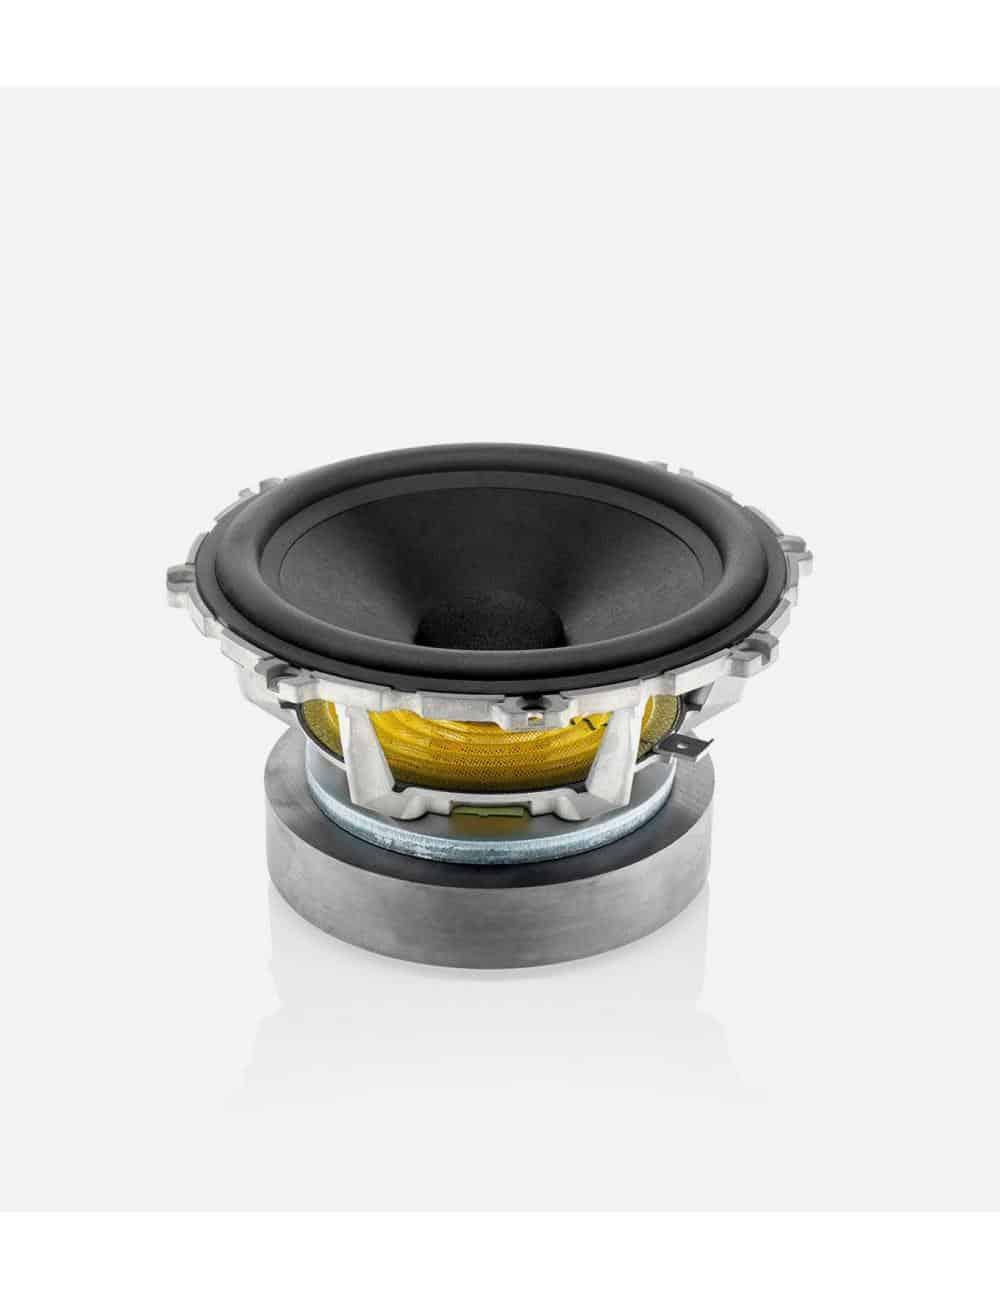 diffusori acustici da pavimento per hifi e home theater, Bowers & Wilkins 703, trasduttore